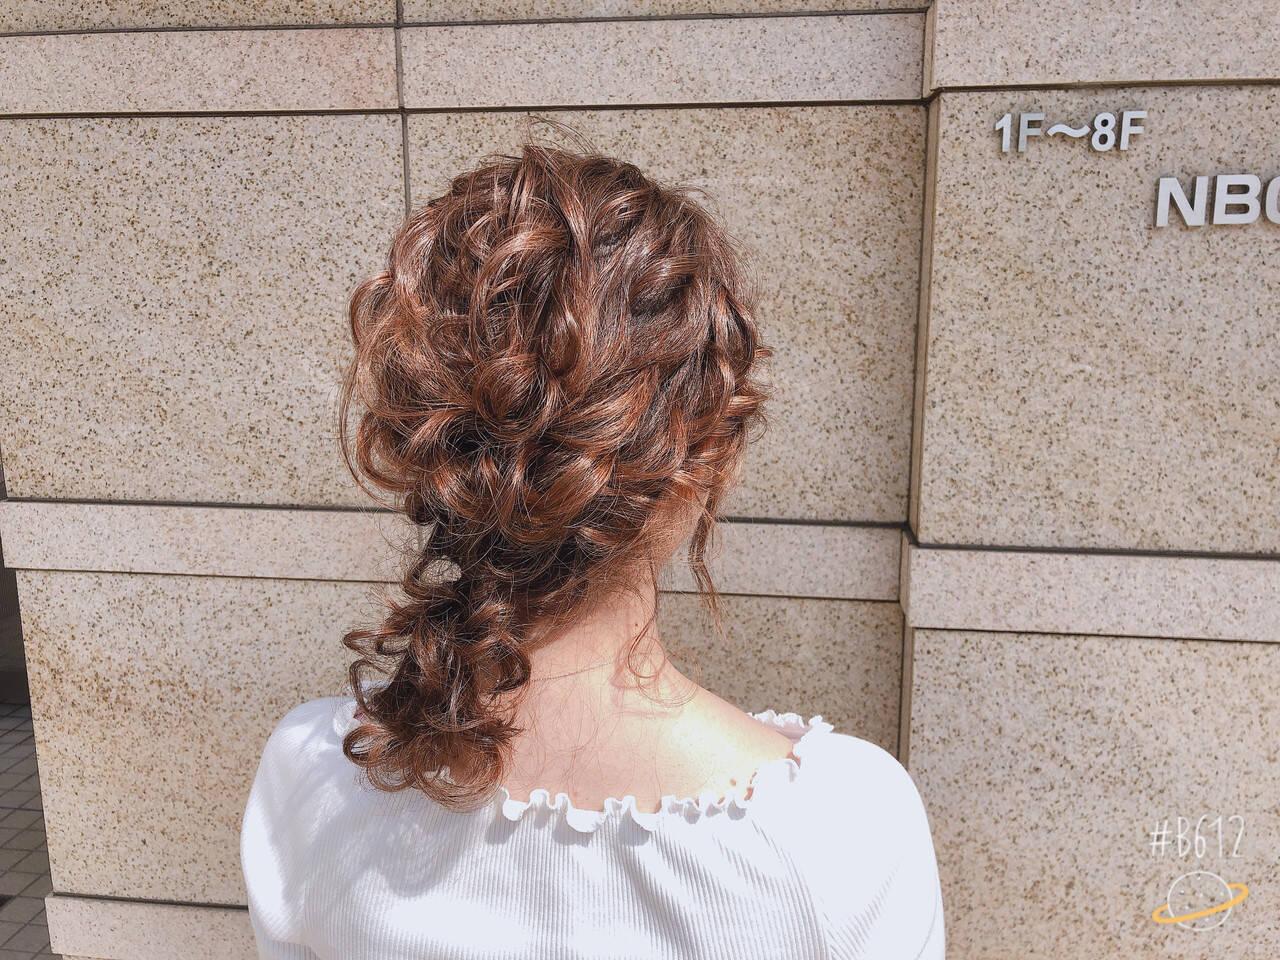 ガーリー 簡単ヘアアレンジ デート アウトドアヘアスタイルや髪型の写真・画像